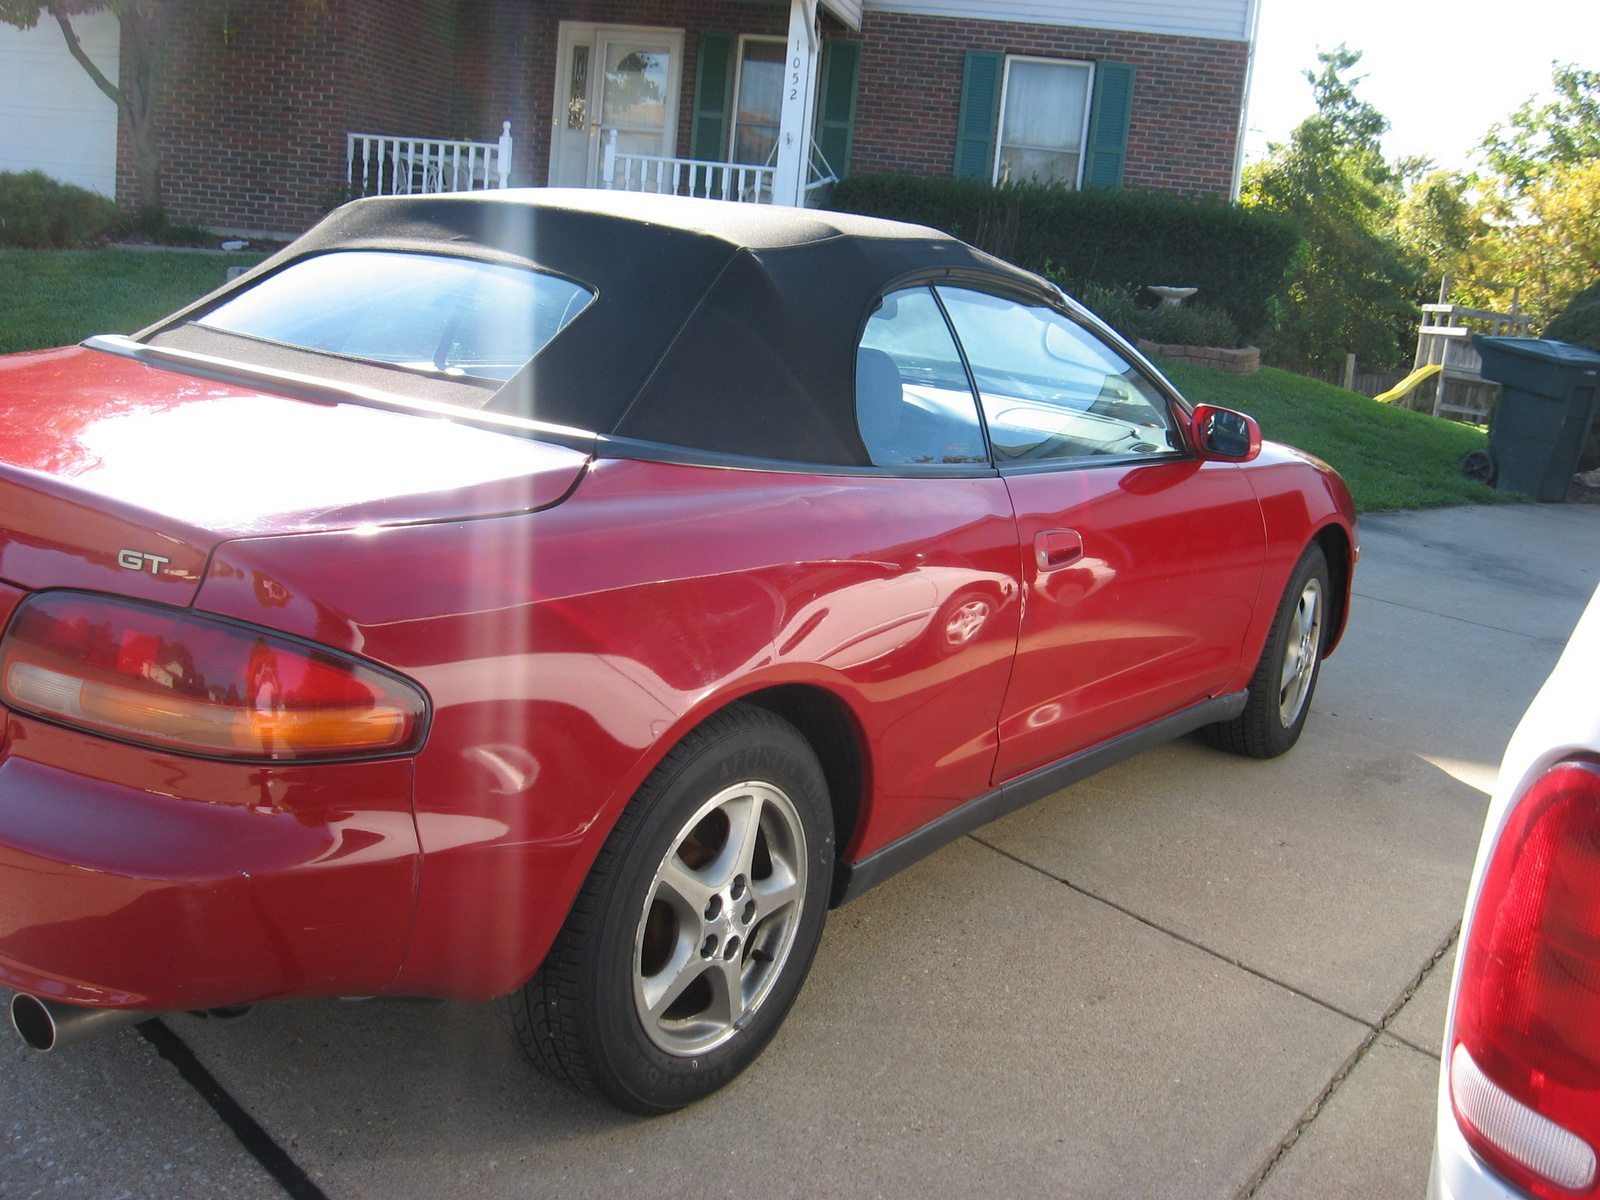 1997 Toyota Celica Image 12